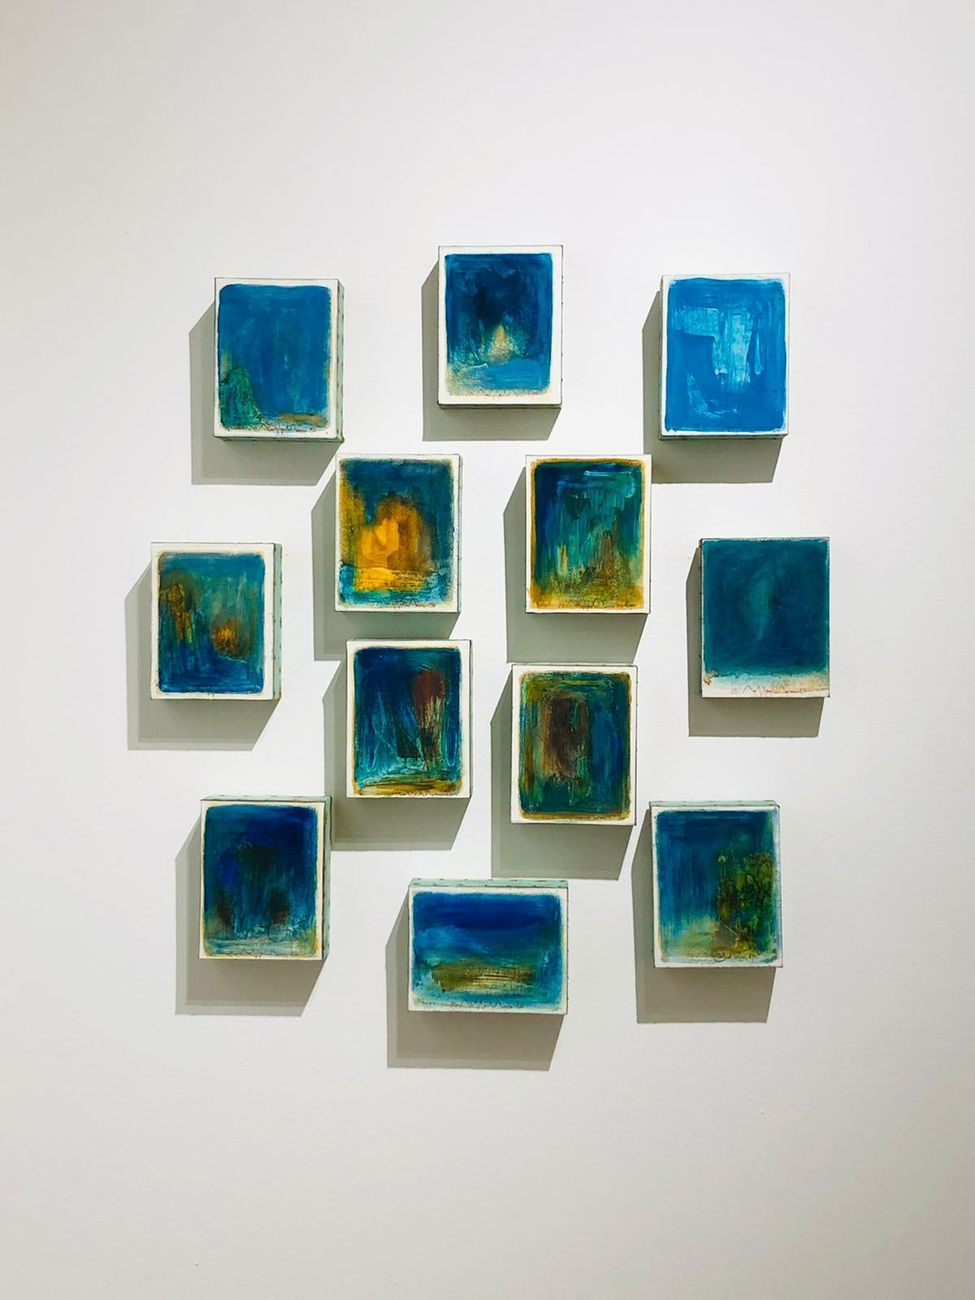 Elogio della leggerezza. Exibition view at Kyro Art Gallery, Pietrasanta 2020